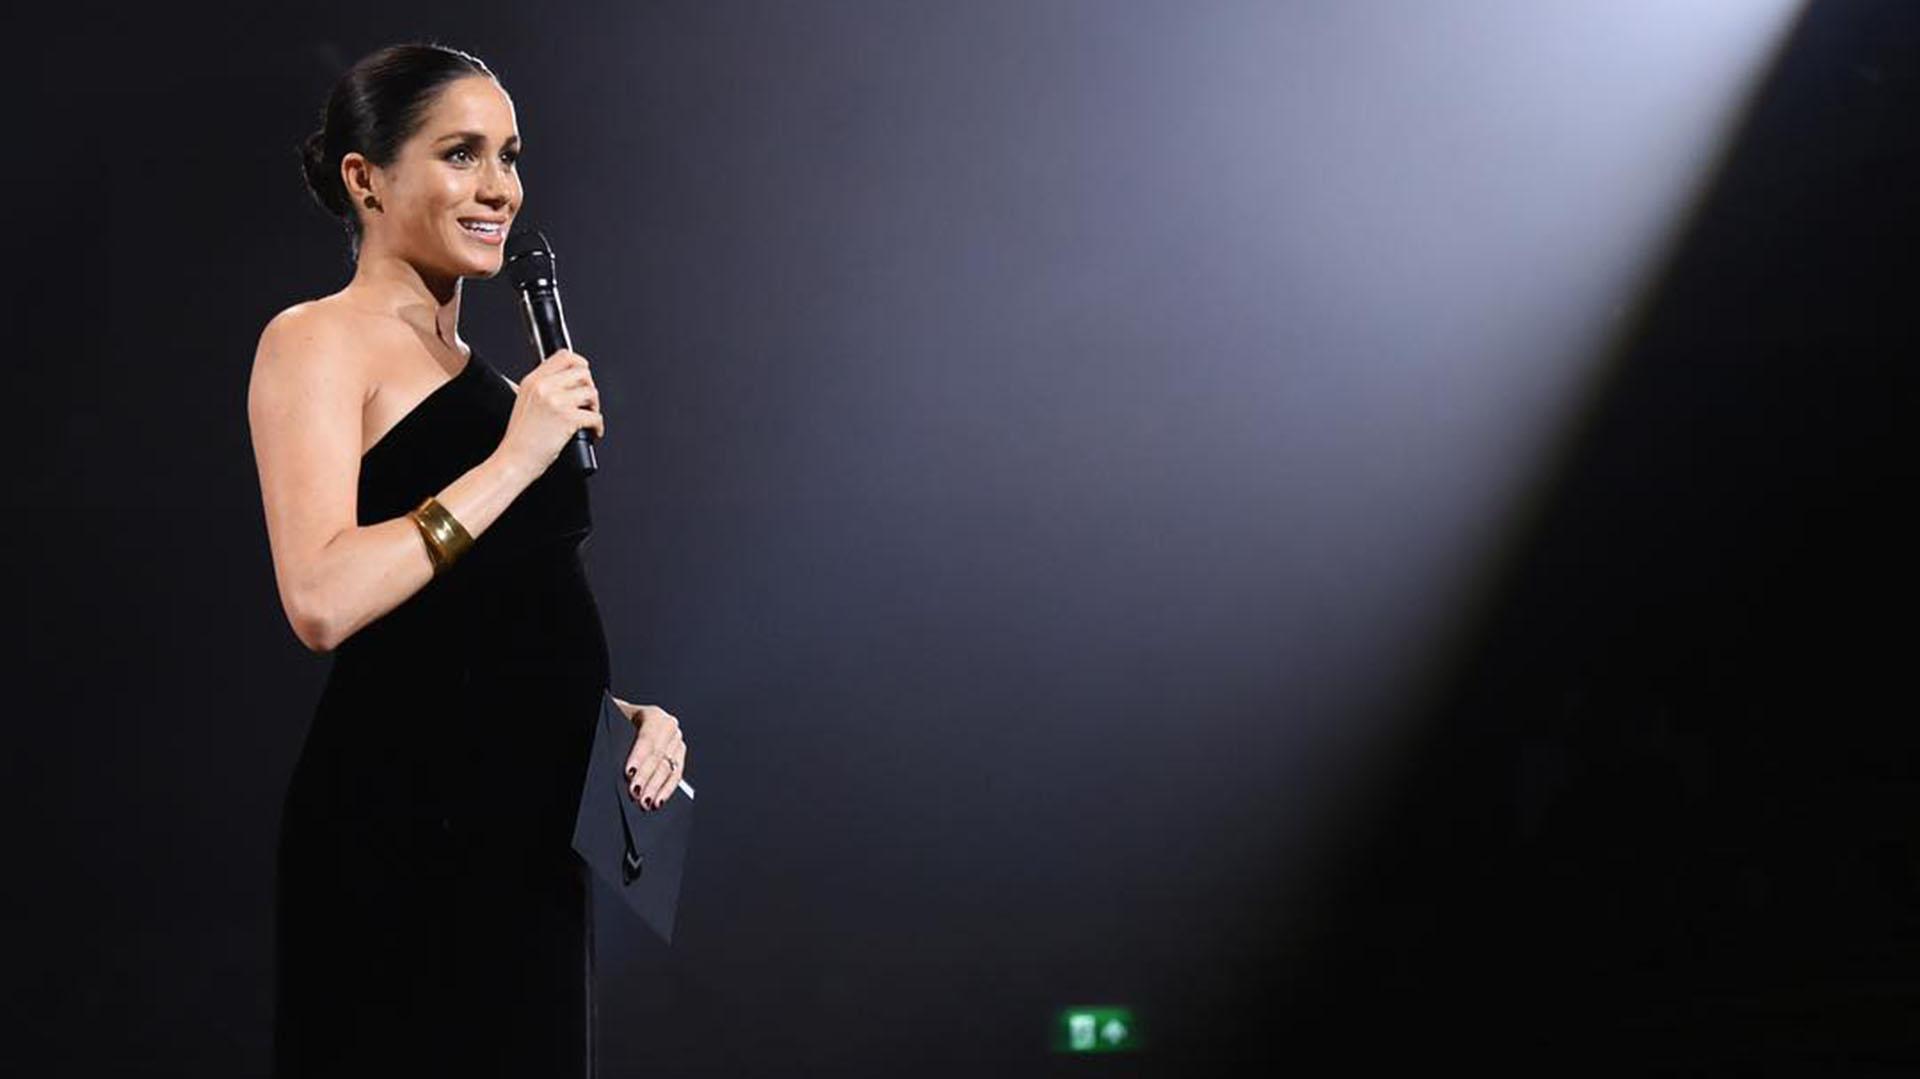 El director de Givenchy diseñó el icónico vestido de novia de la duquesa a principios de ese año. Meghan, por supuesto, llevaba nada menos que Givenchy durante su aparición sorpresa en los Fashion Awards (@kensingtonroyal)